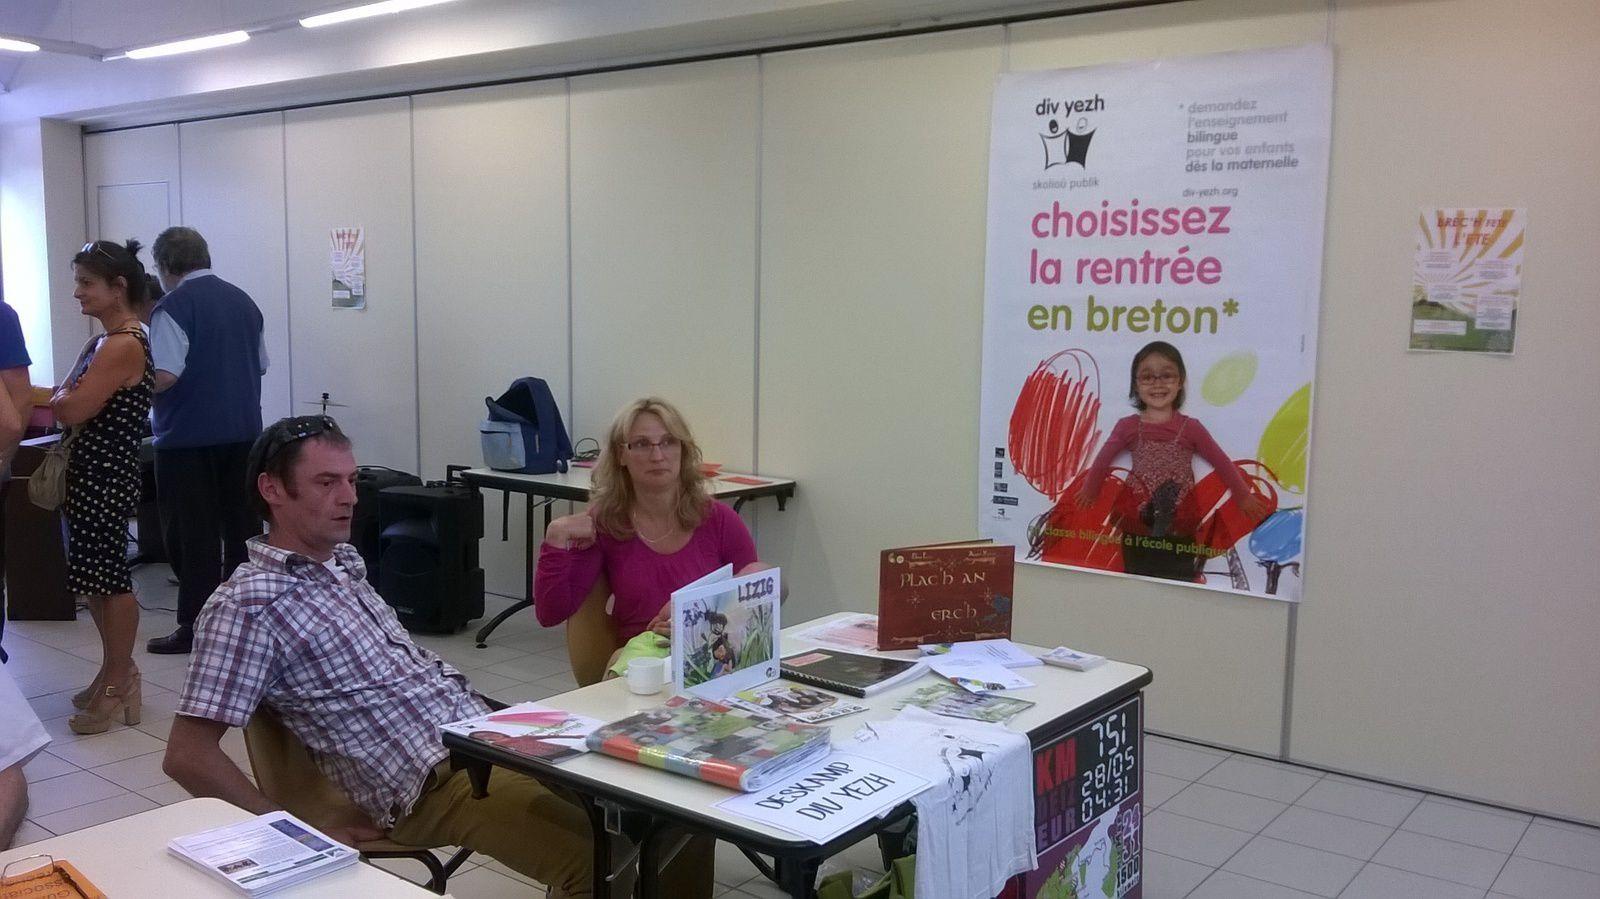 Stand Deskamp-Divyezh (Association des parents des classes bilingues du Pont-Douar Brec'h)